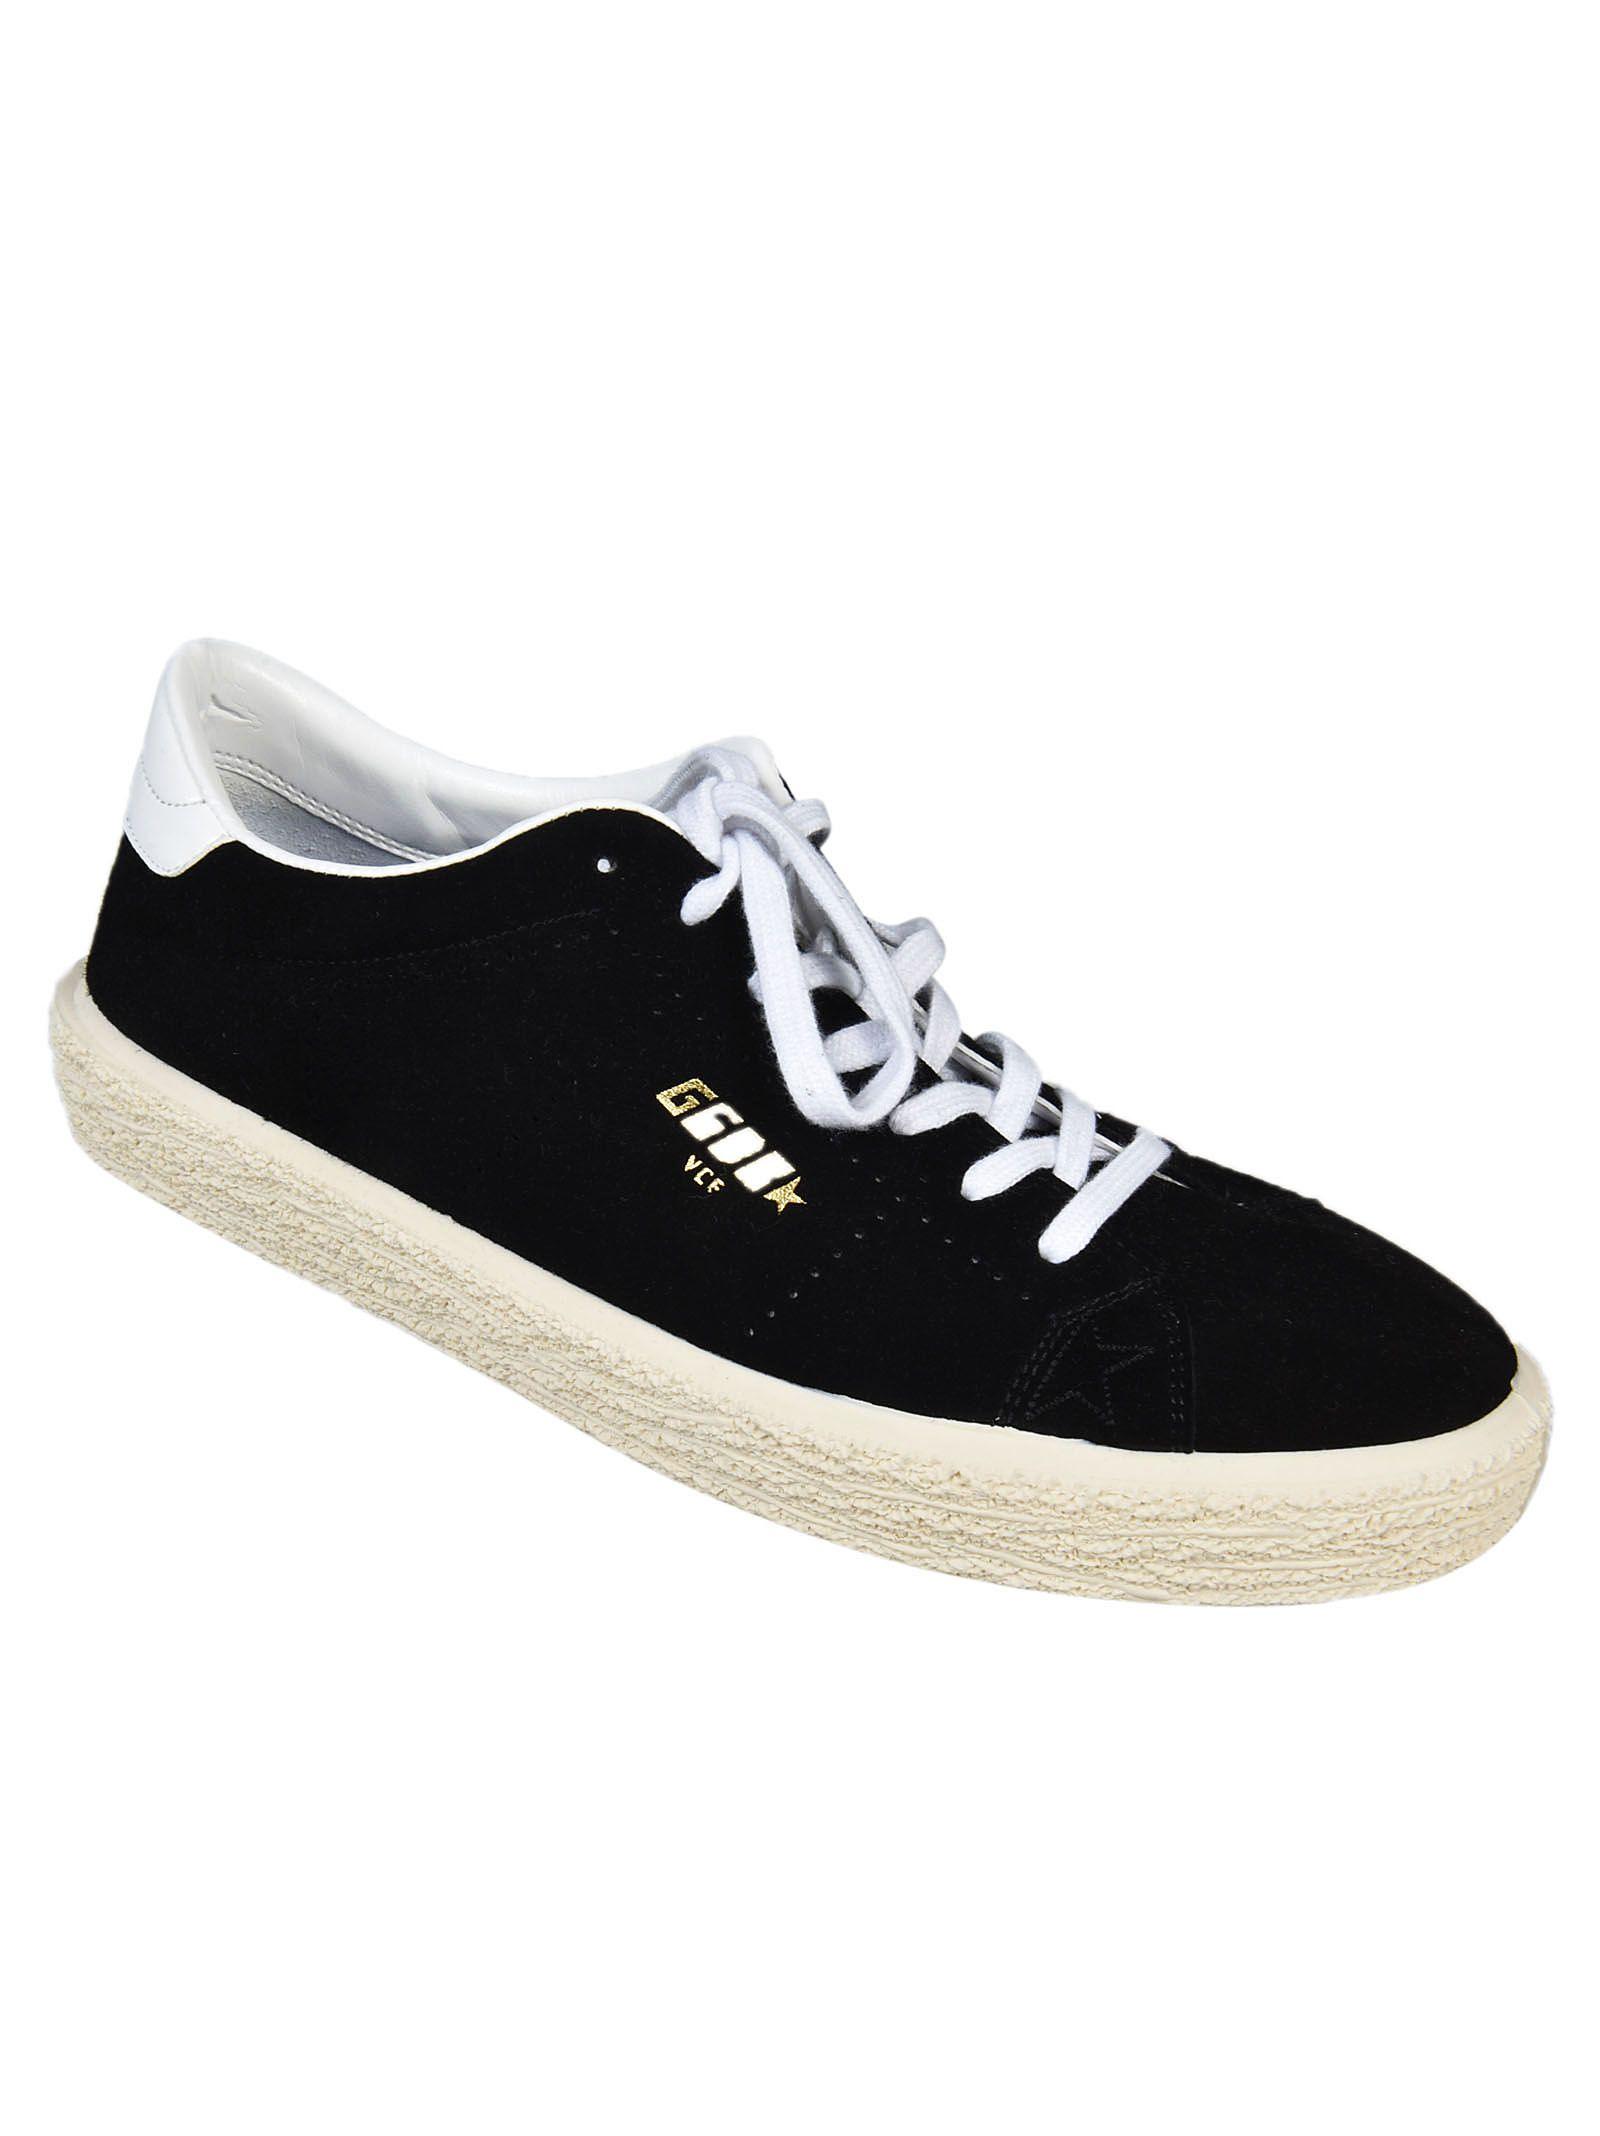 tennis sneakers - Black Golden Goose Zf0HSp9